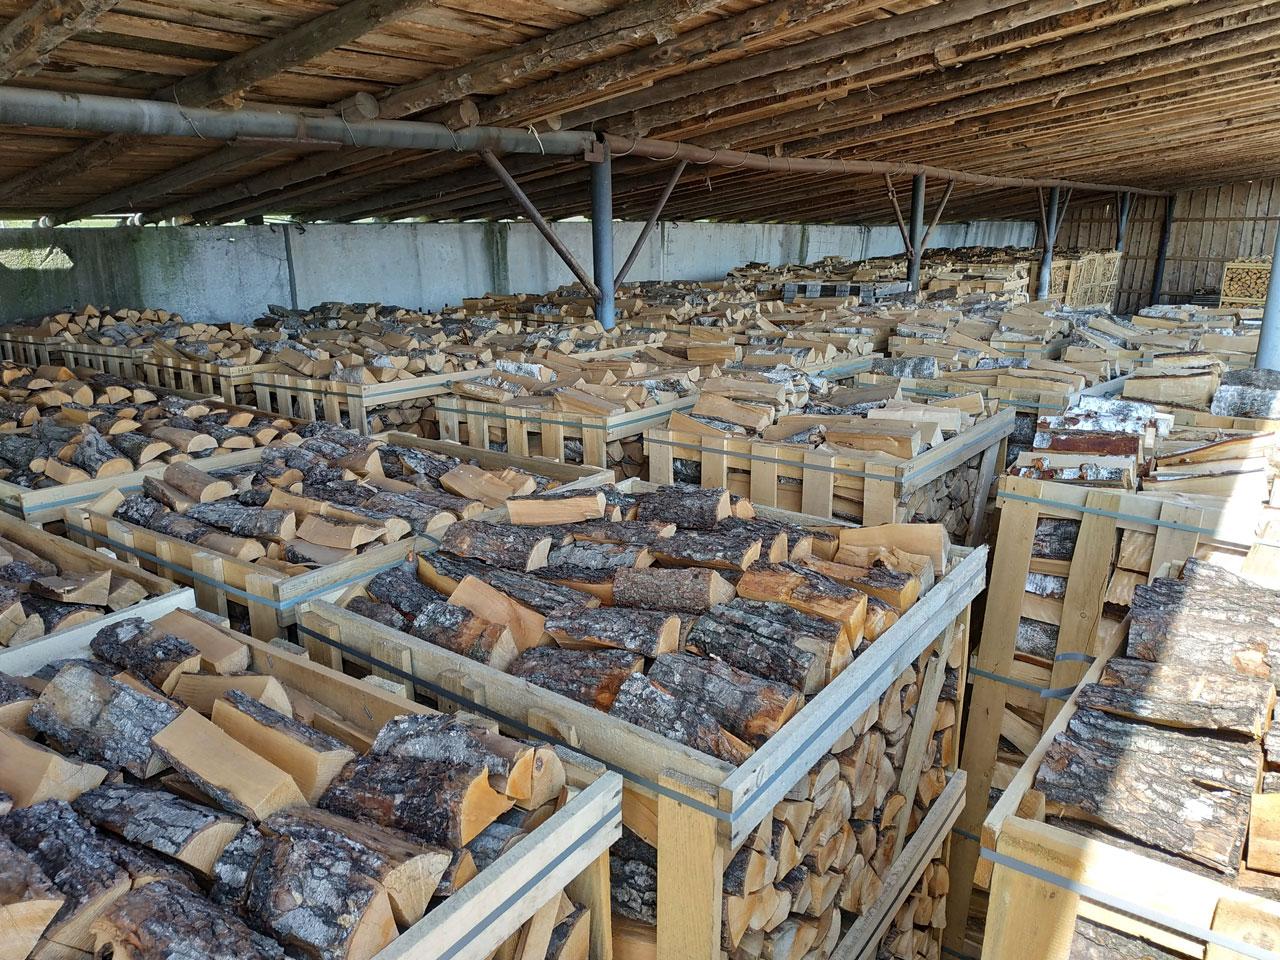 kindling wood for sale